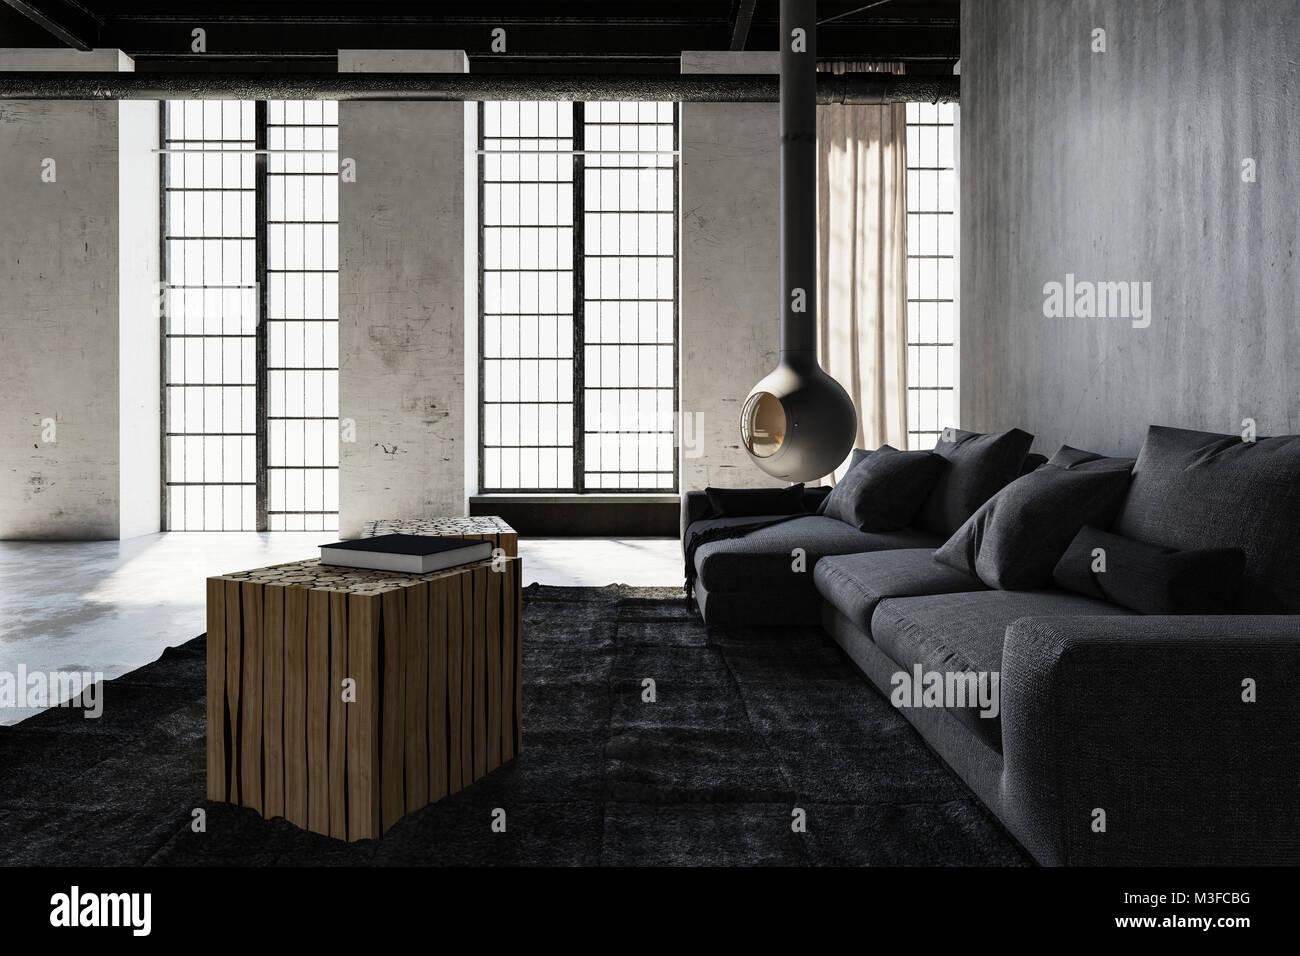 Pareti Soggiorno Grigio E Bianco : Pareti soggiorno grigio. pareti del soggiorno di colore bianco e